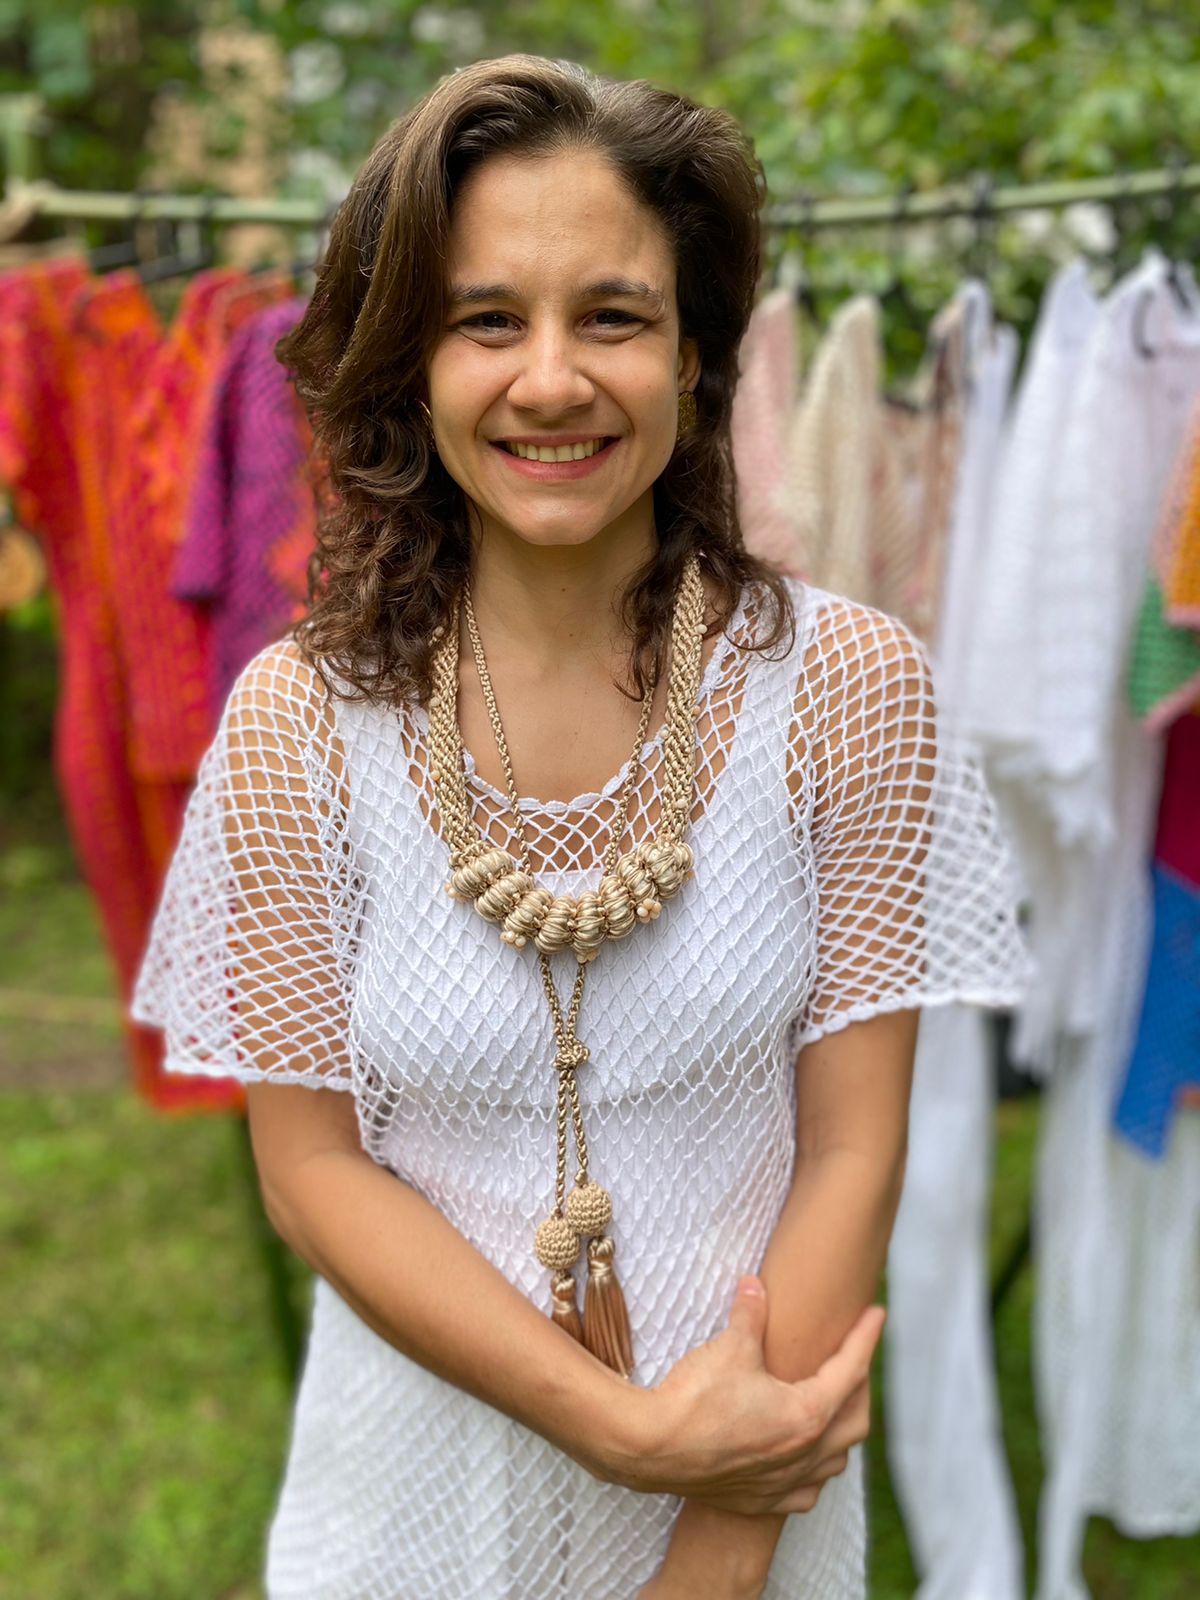 Catarina Mina estreia na fashion week de Milão com projeto 'Olê Rendeiras'; assista ao vídeo